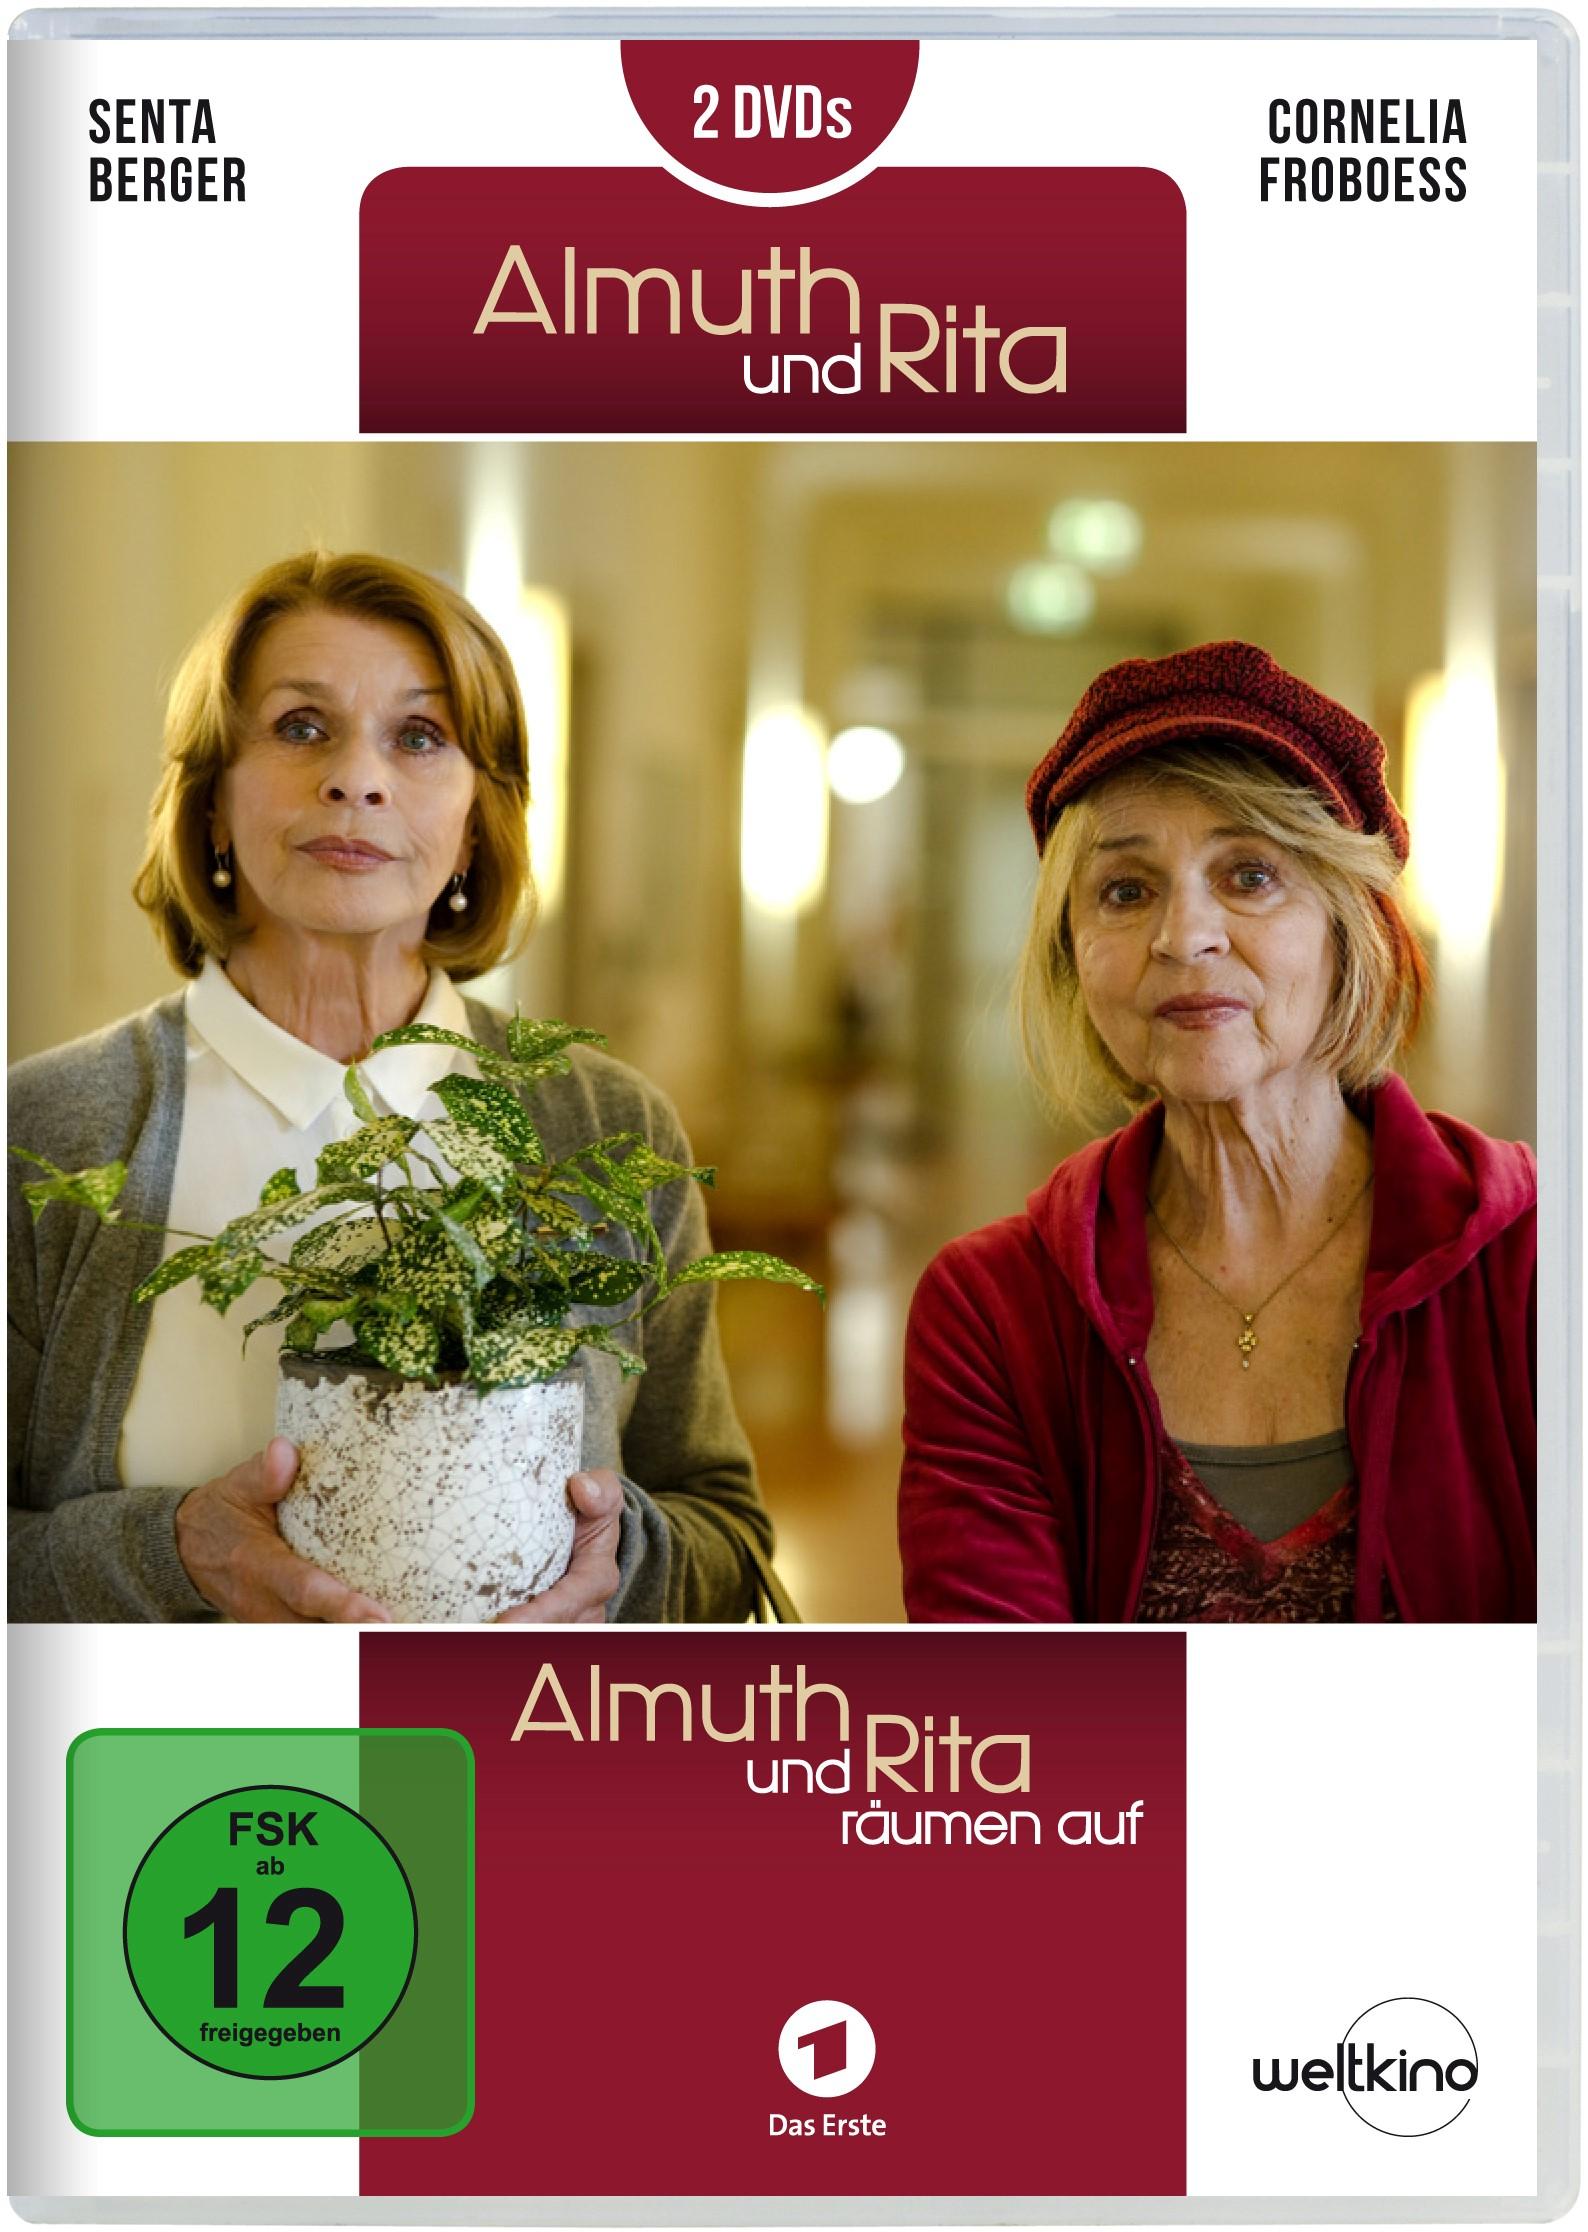 Senta Berger and Cornelia Froboess in Almuth und Rita räumen auf (2016)